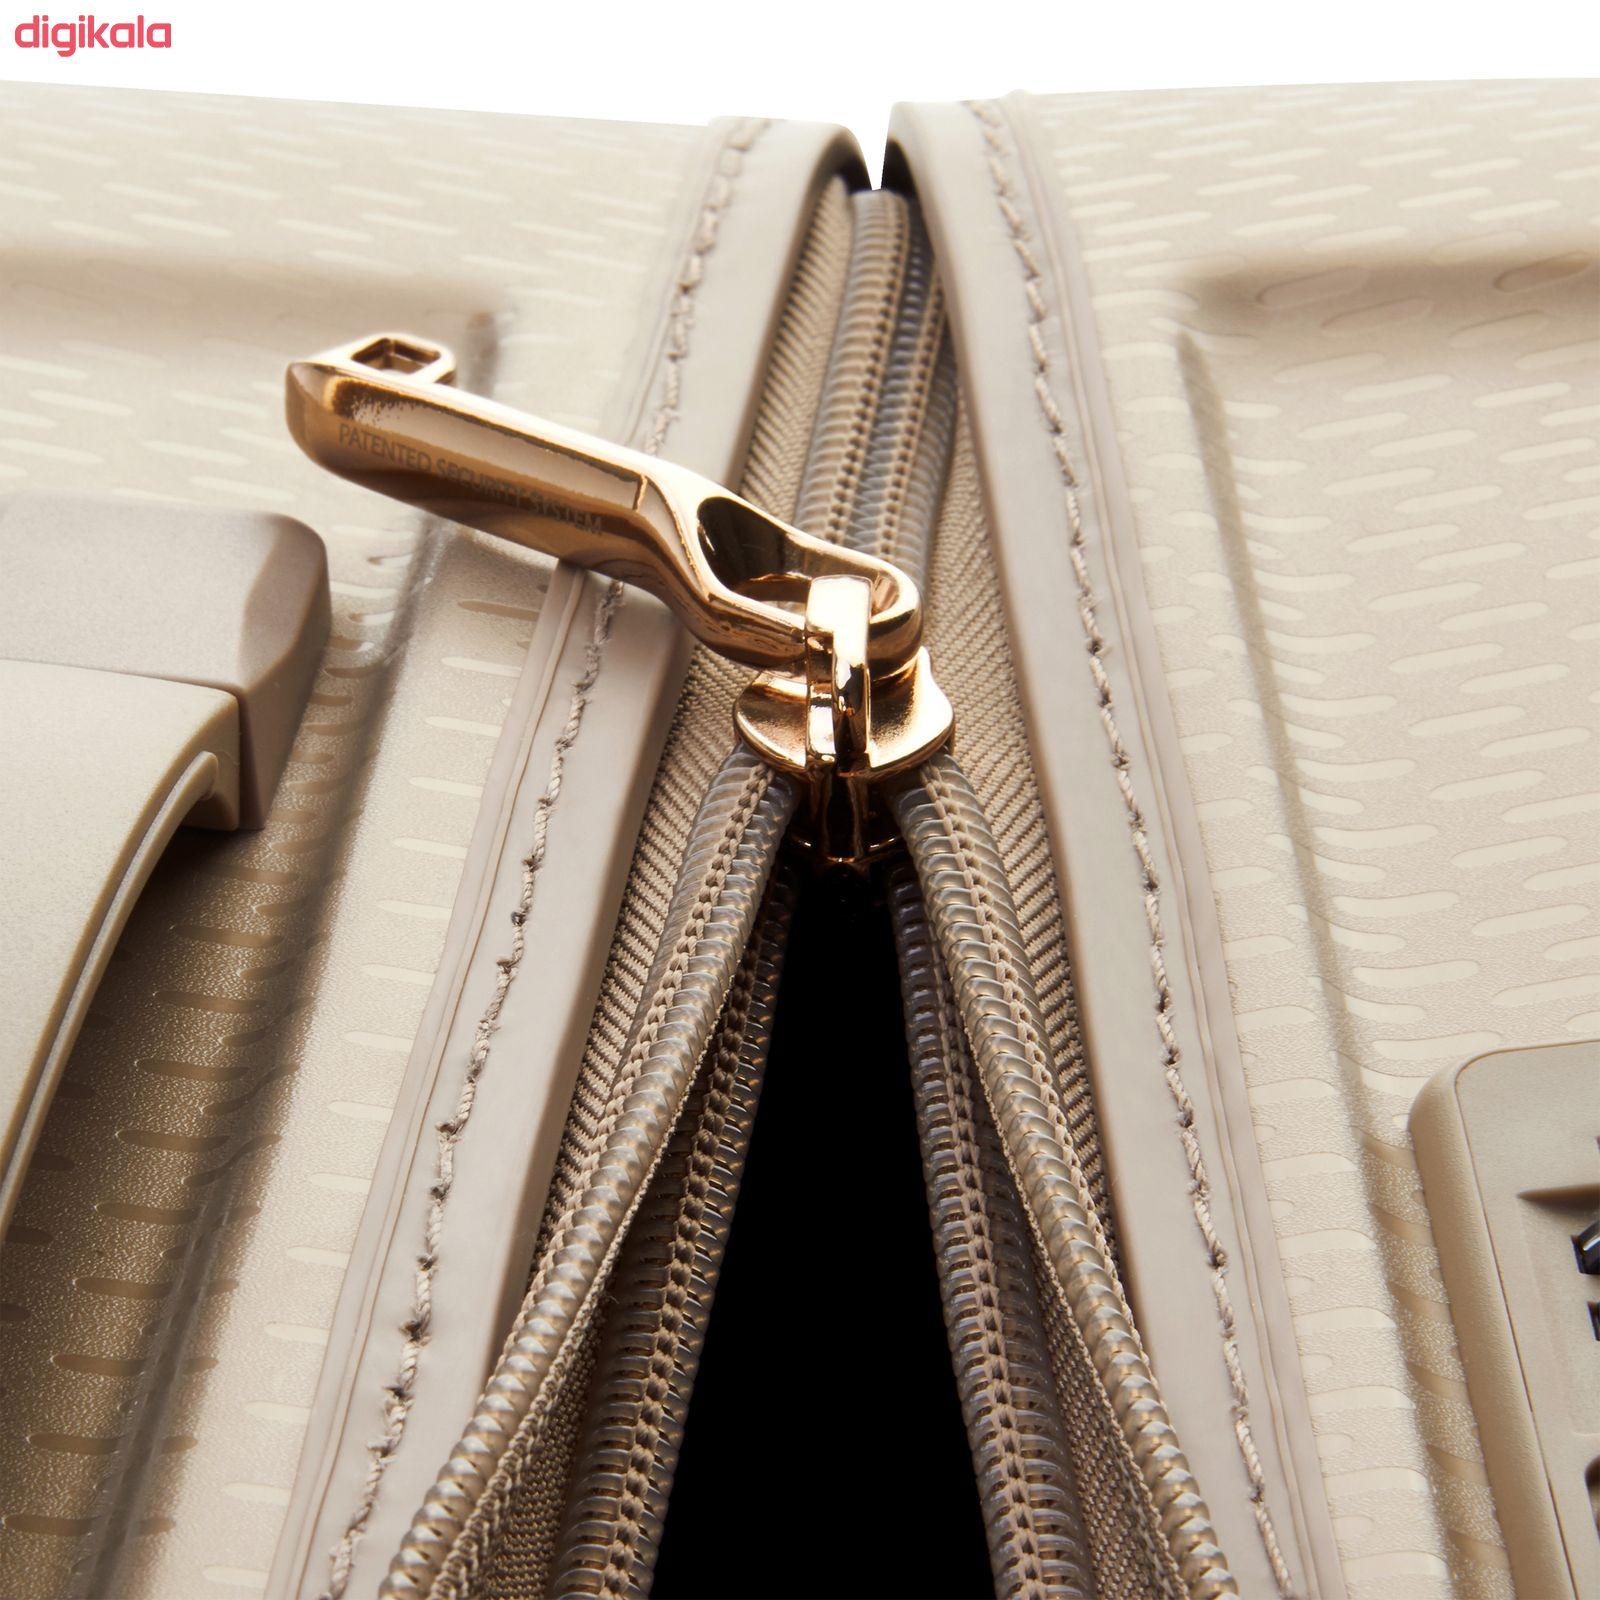 چمدان دلسی مدل TURENNE کد 1621801 سایز کوچک main 1 22